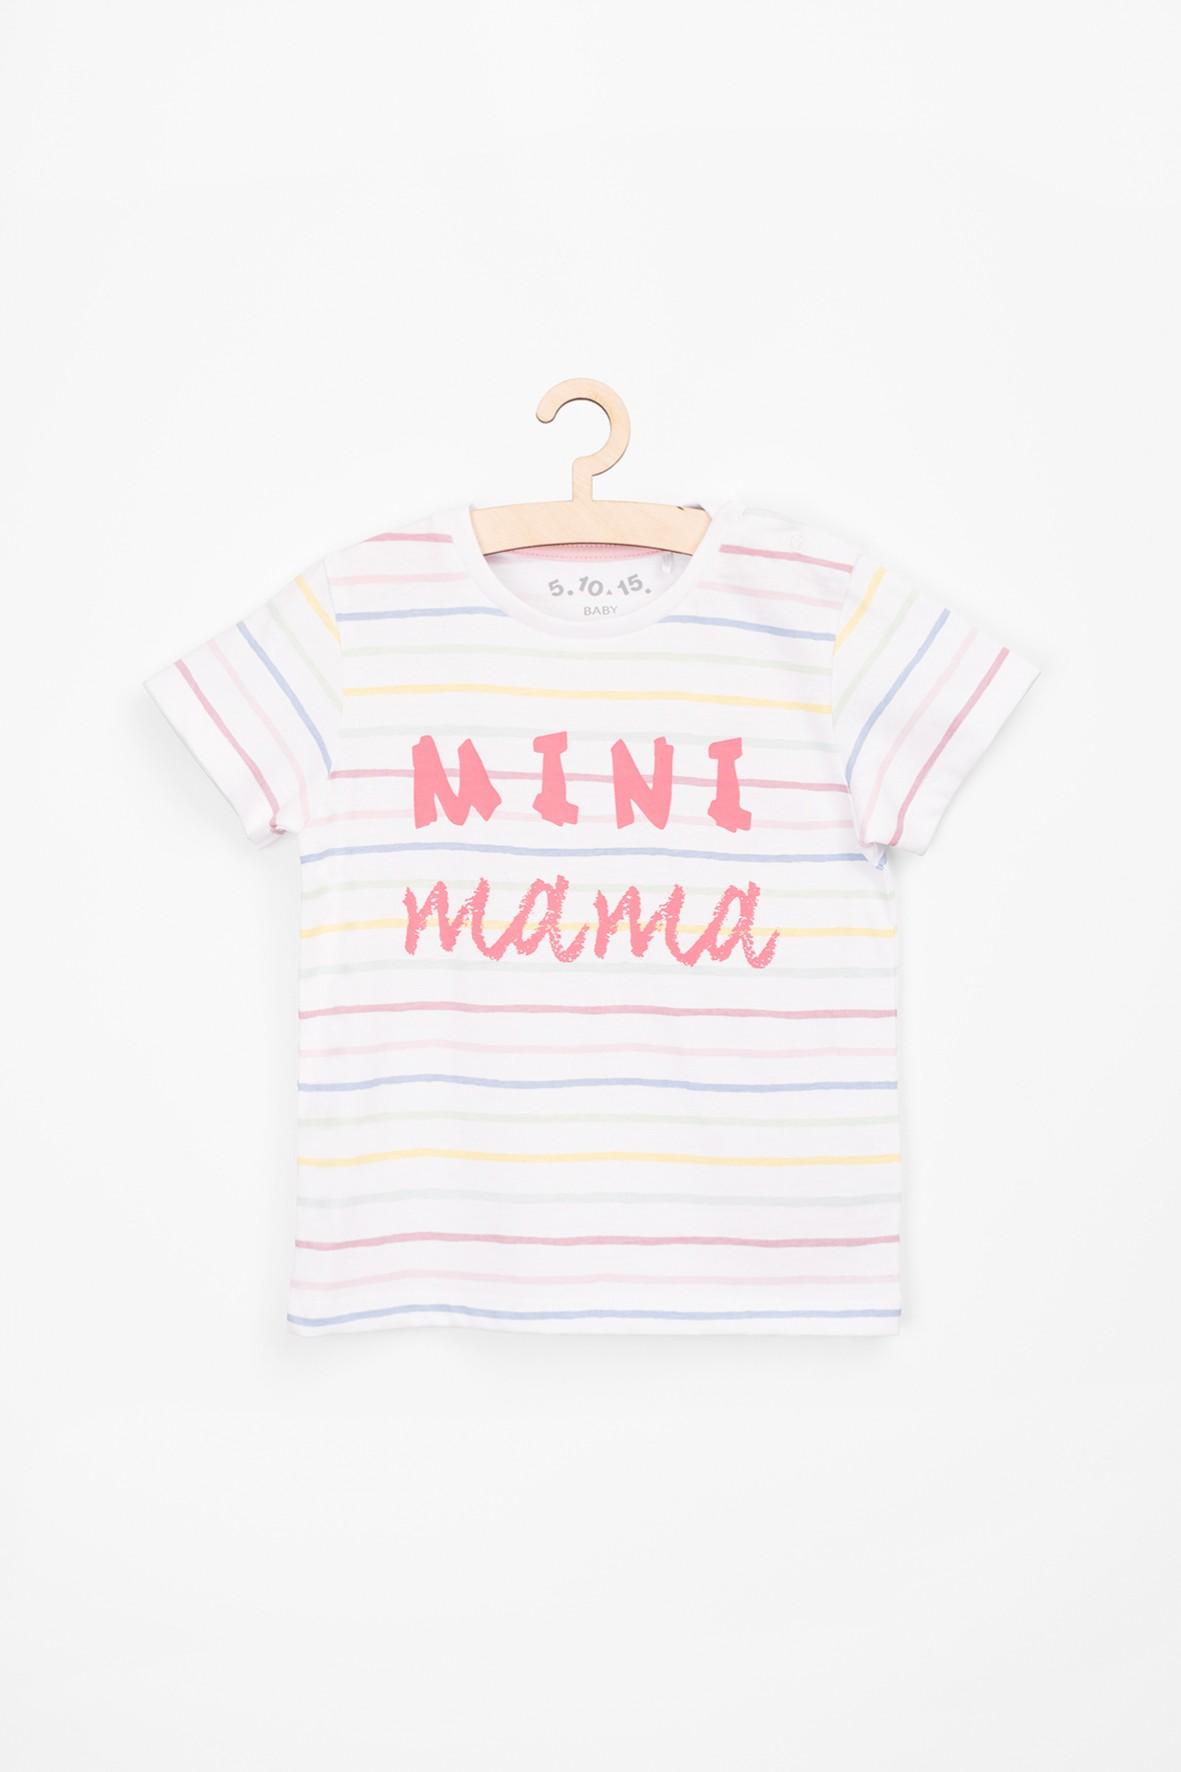 T-shirt dla niemowlaka z napisem-mini mama